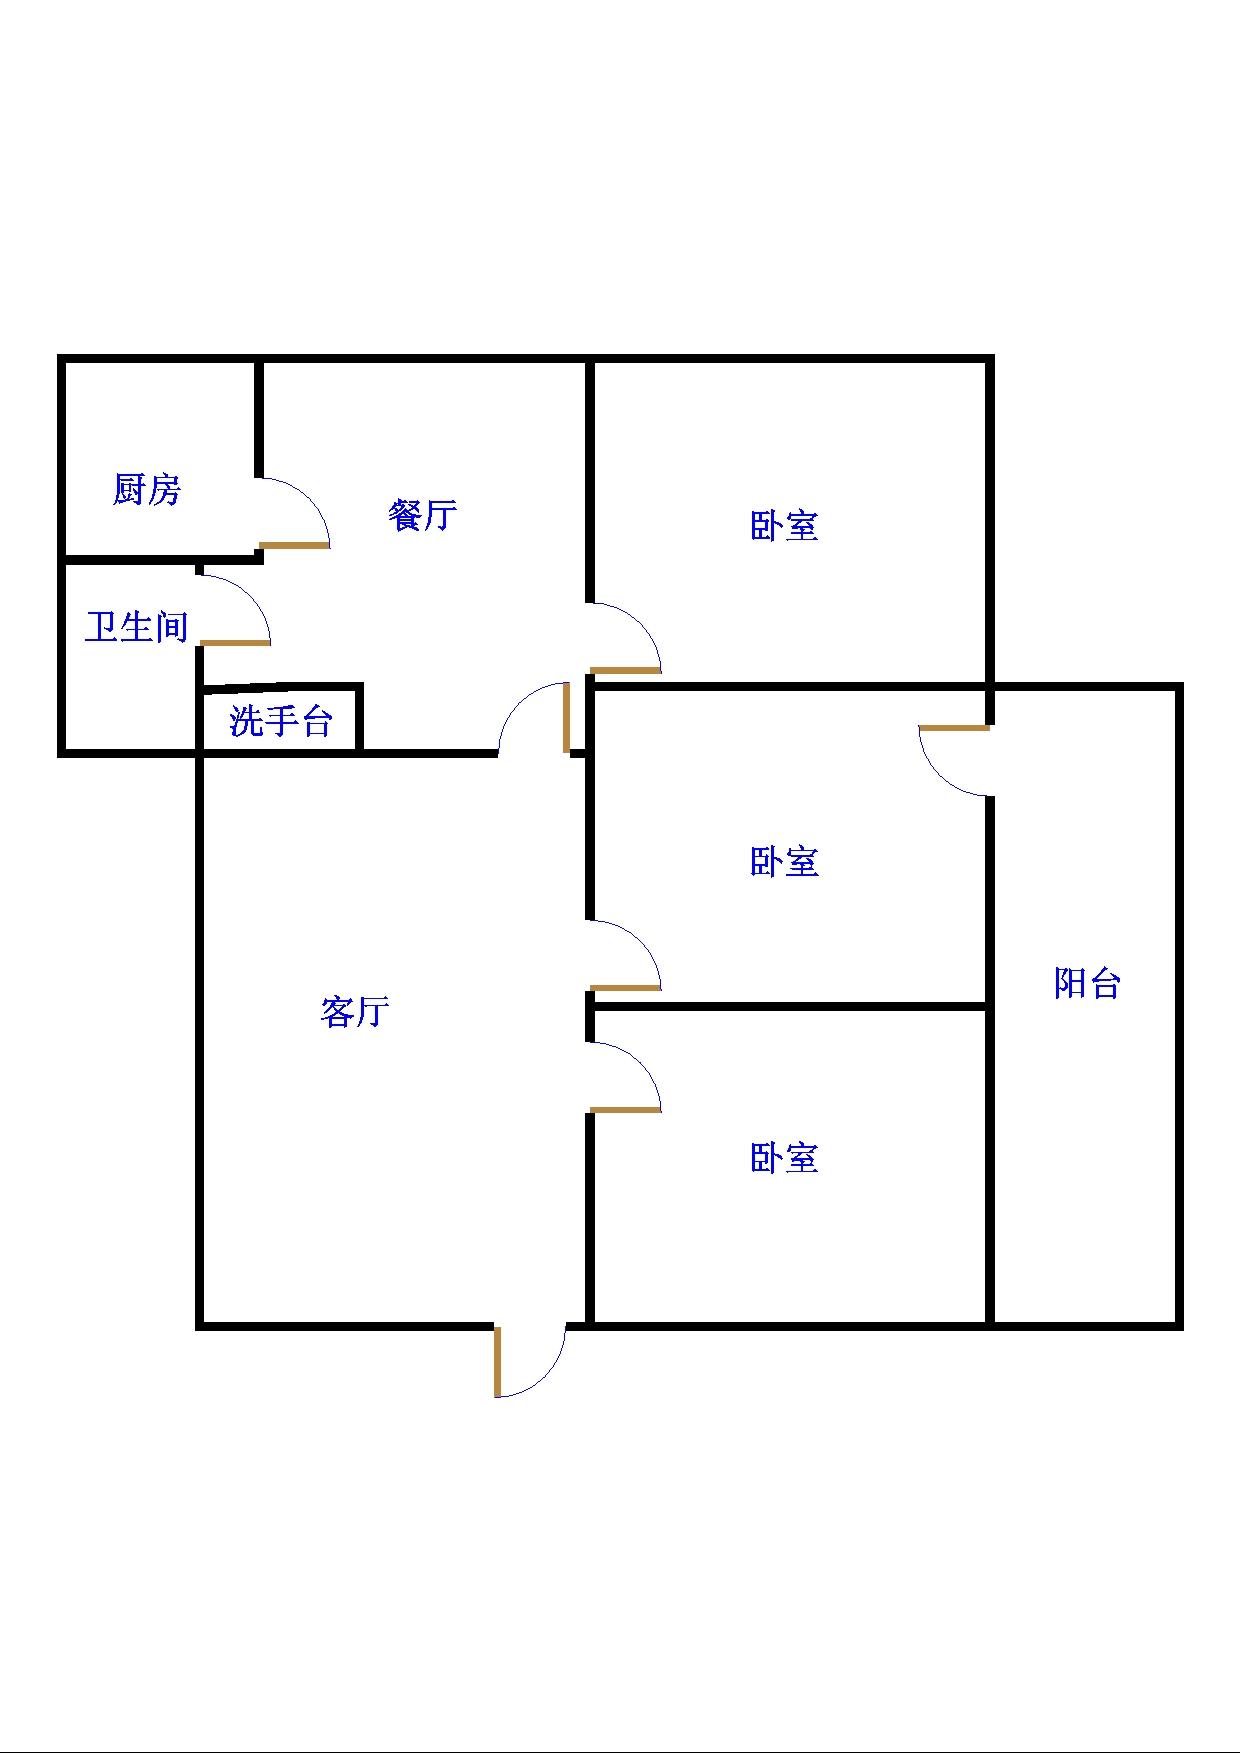 贵和家园 3室2厅 双证齐全过五年 简装 118万